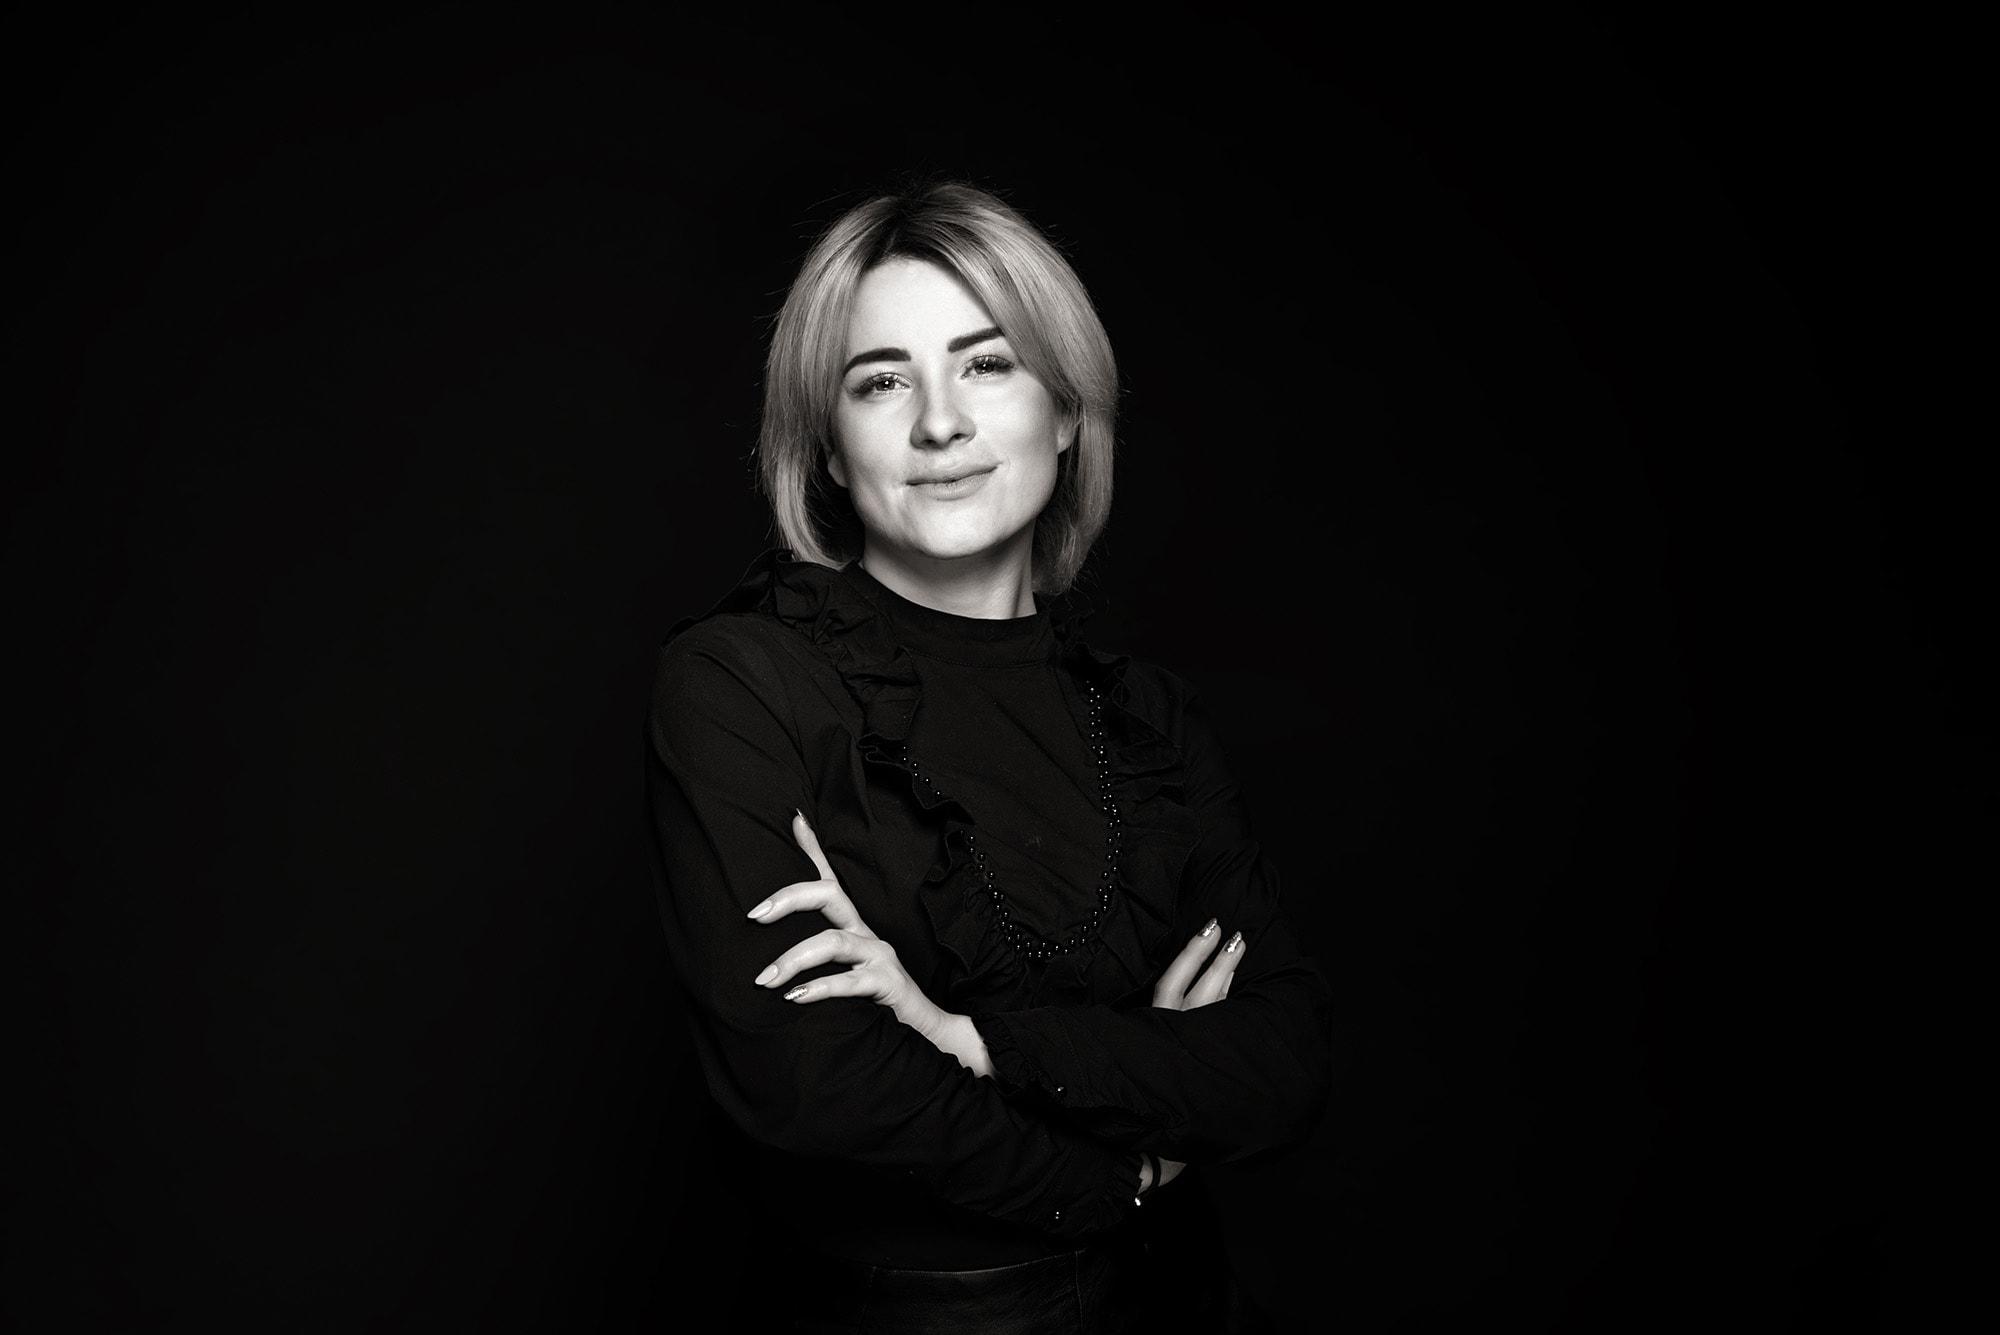 Fotograf portrecista wrocław